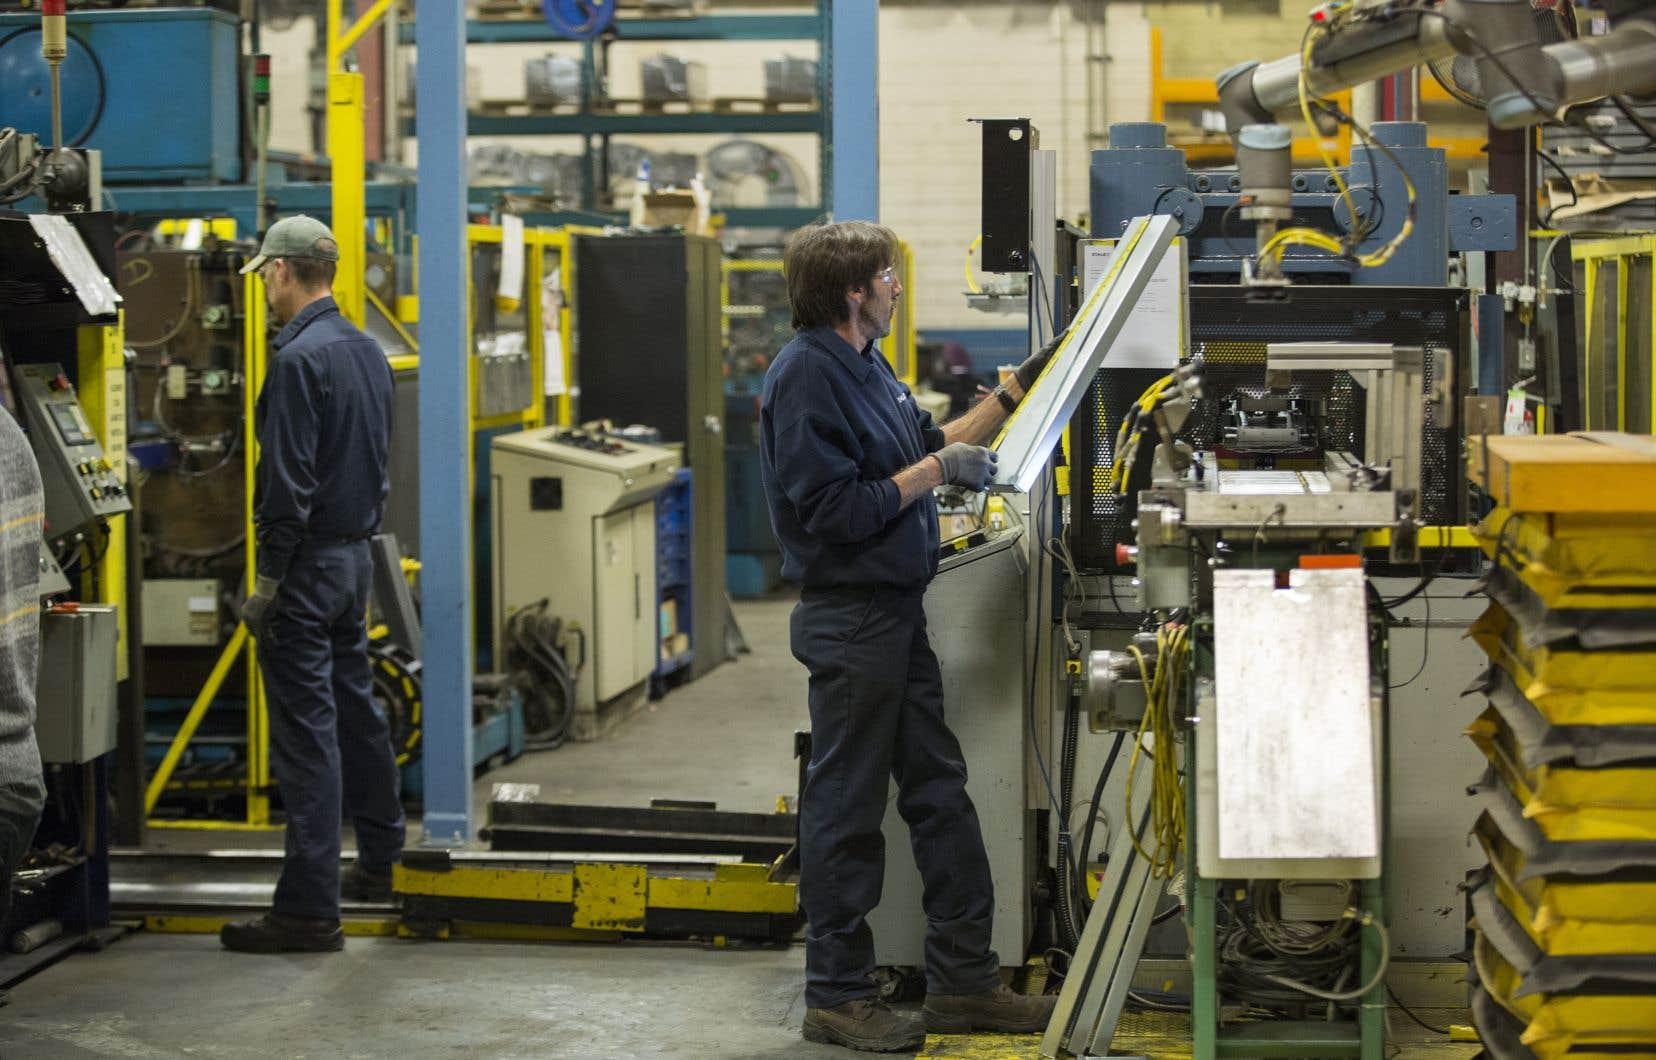 Cette vigueur de l'emploi s'est ressentie sur la rémunération, qui a progressé trois fois plus vite que l'inflation mesurée par l'indice des prix à la consommation.